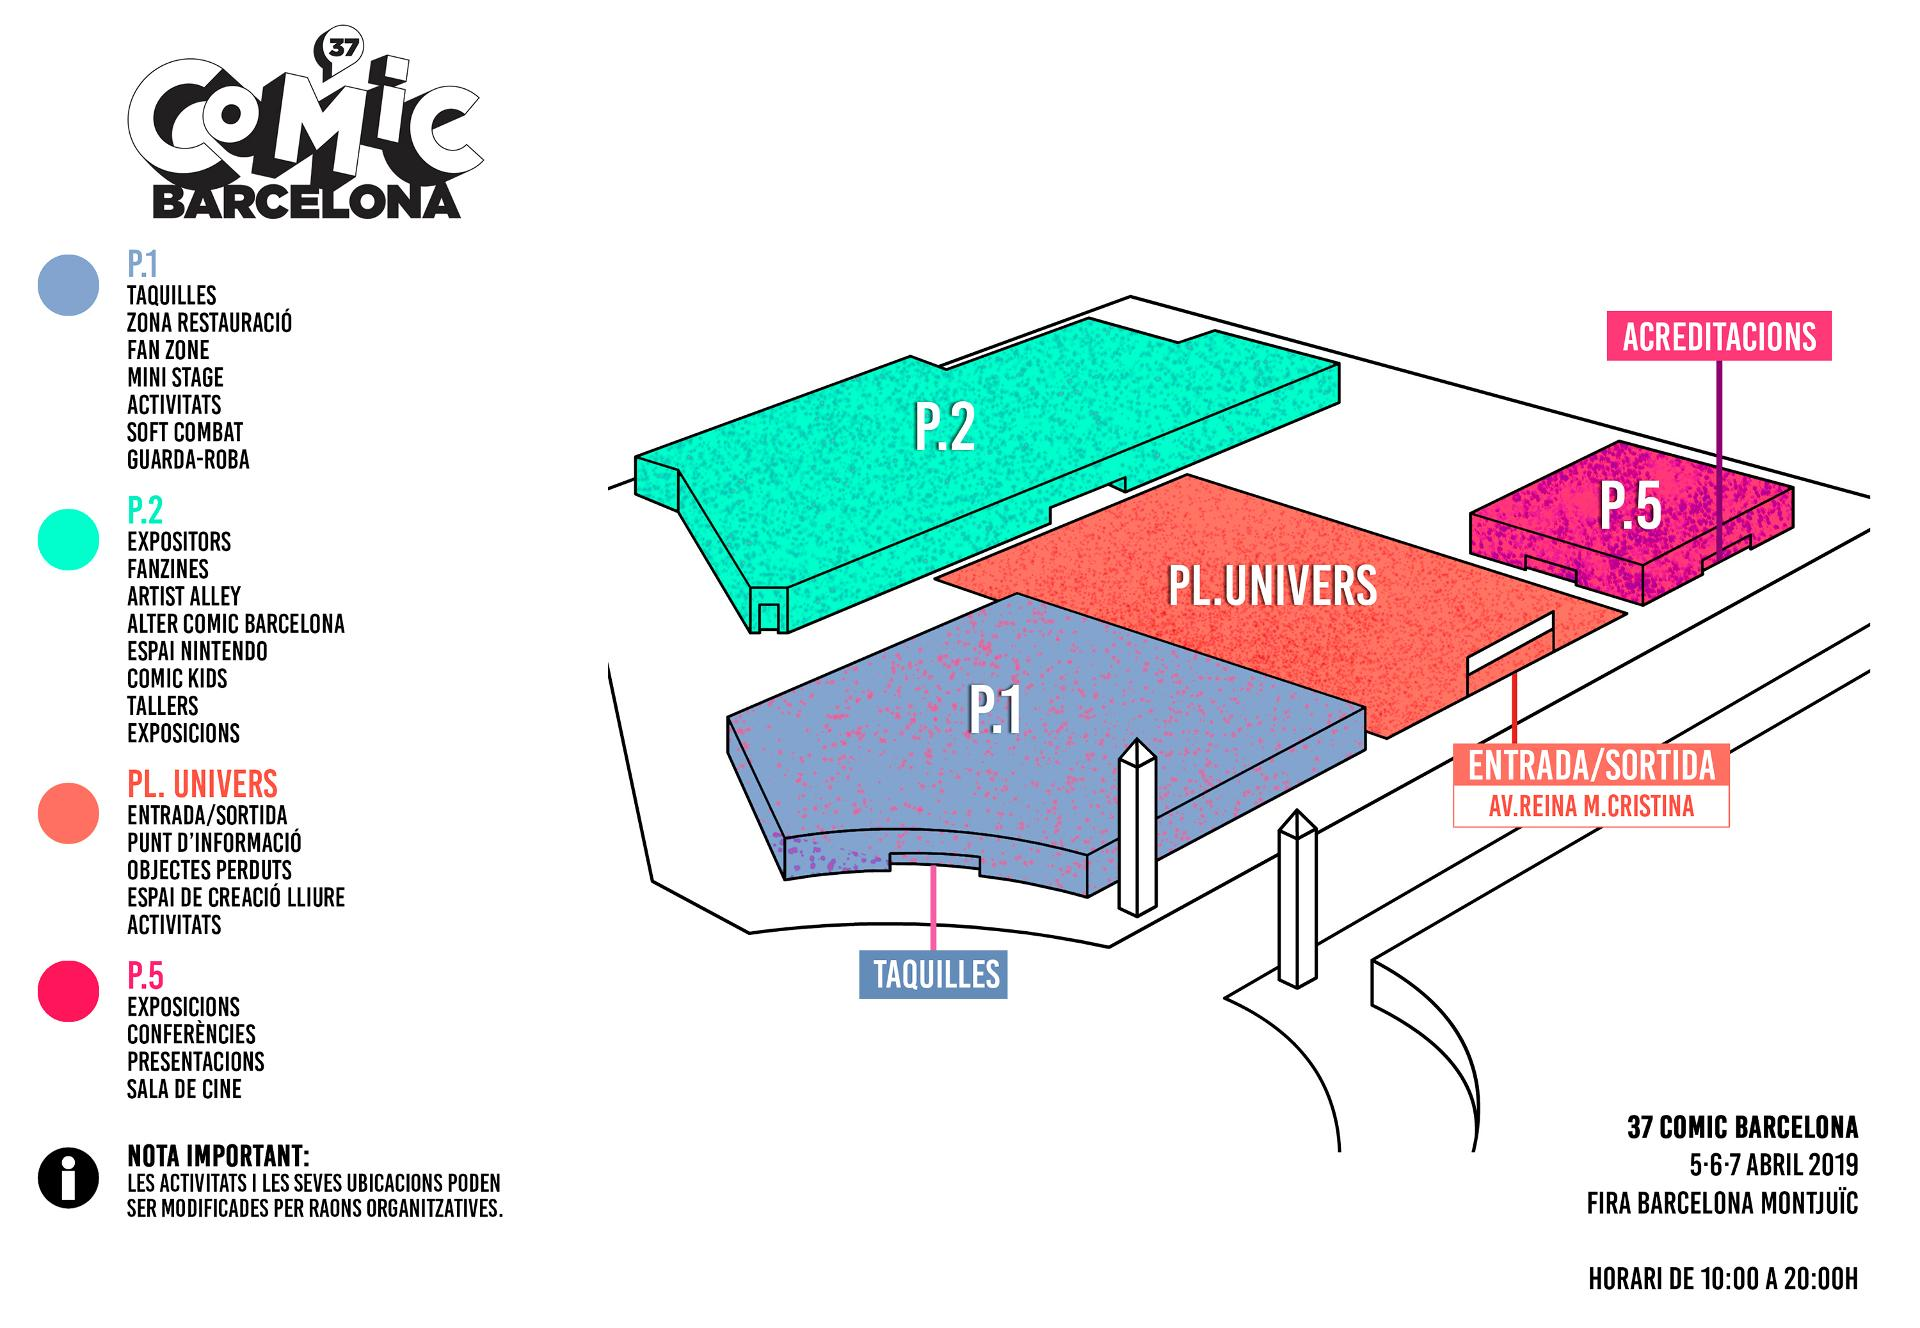 Pavellons 37 Comic Barcelona